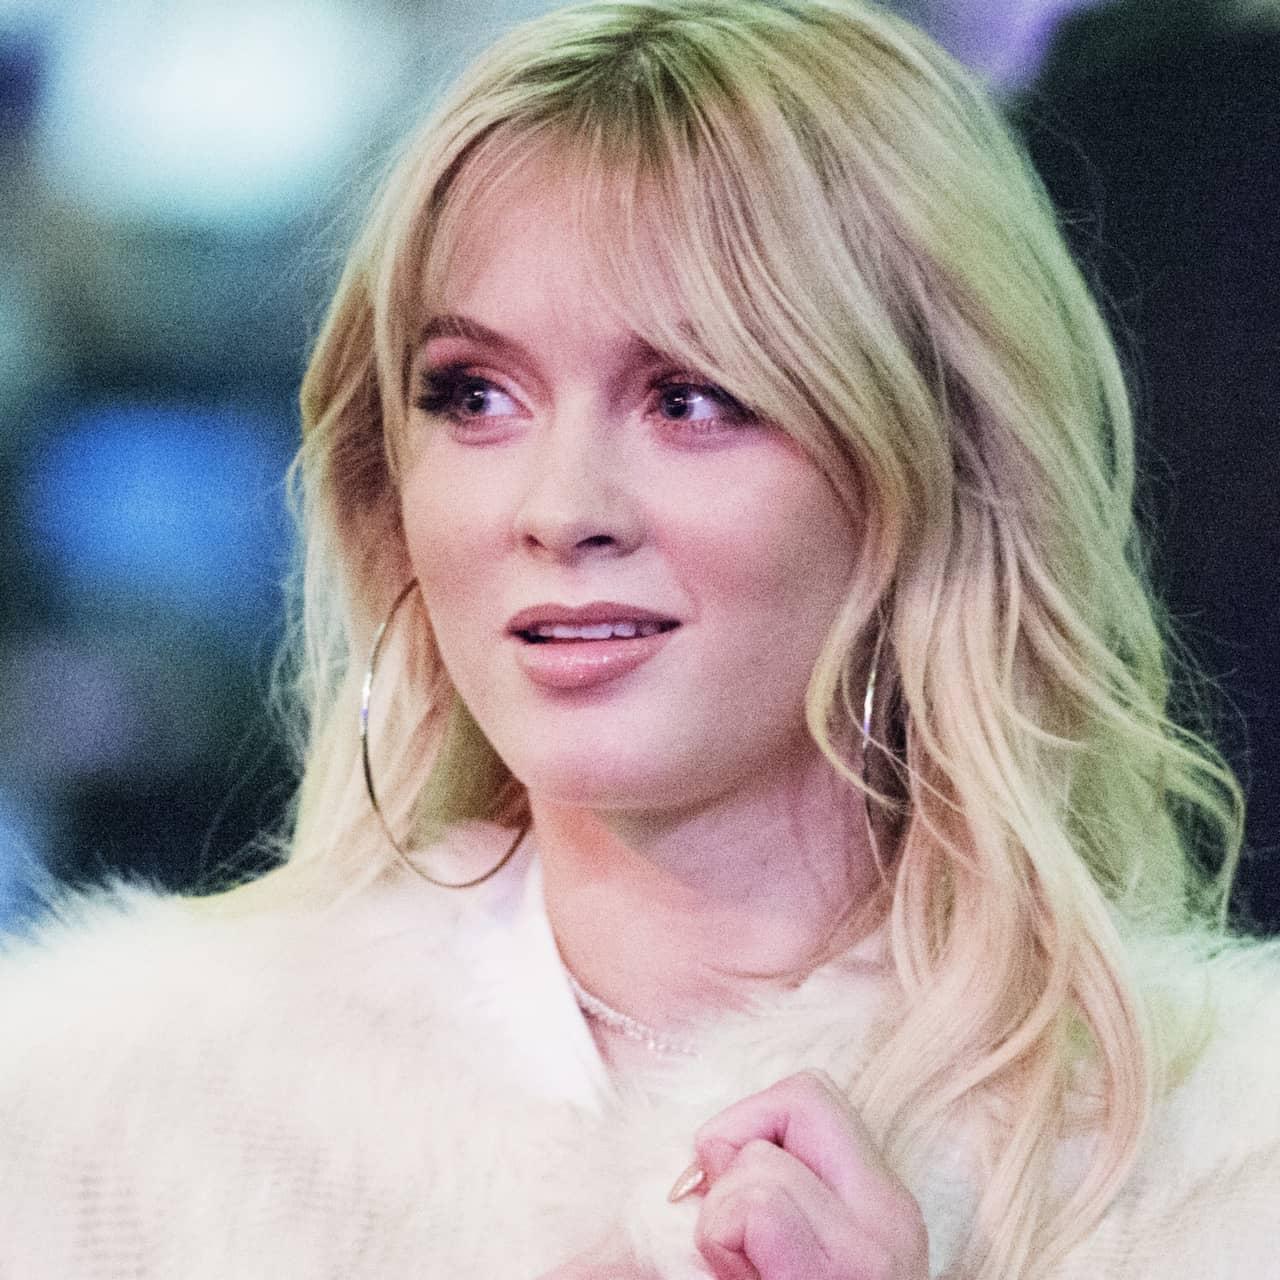 24. Zara Larsson